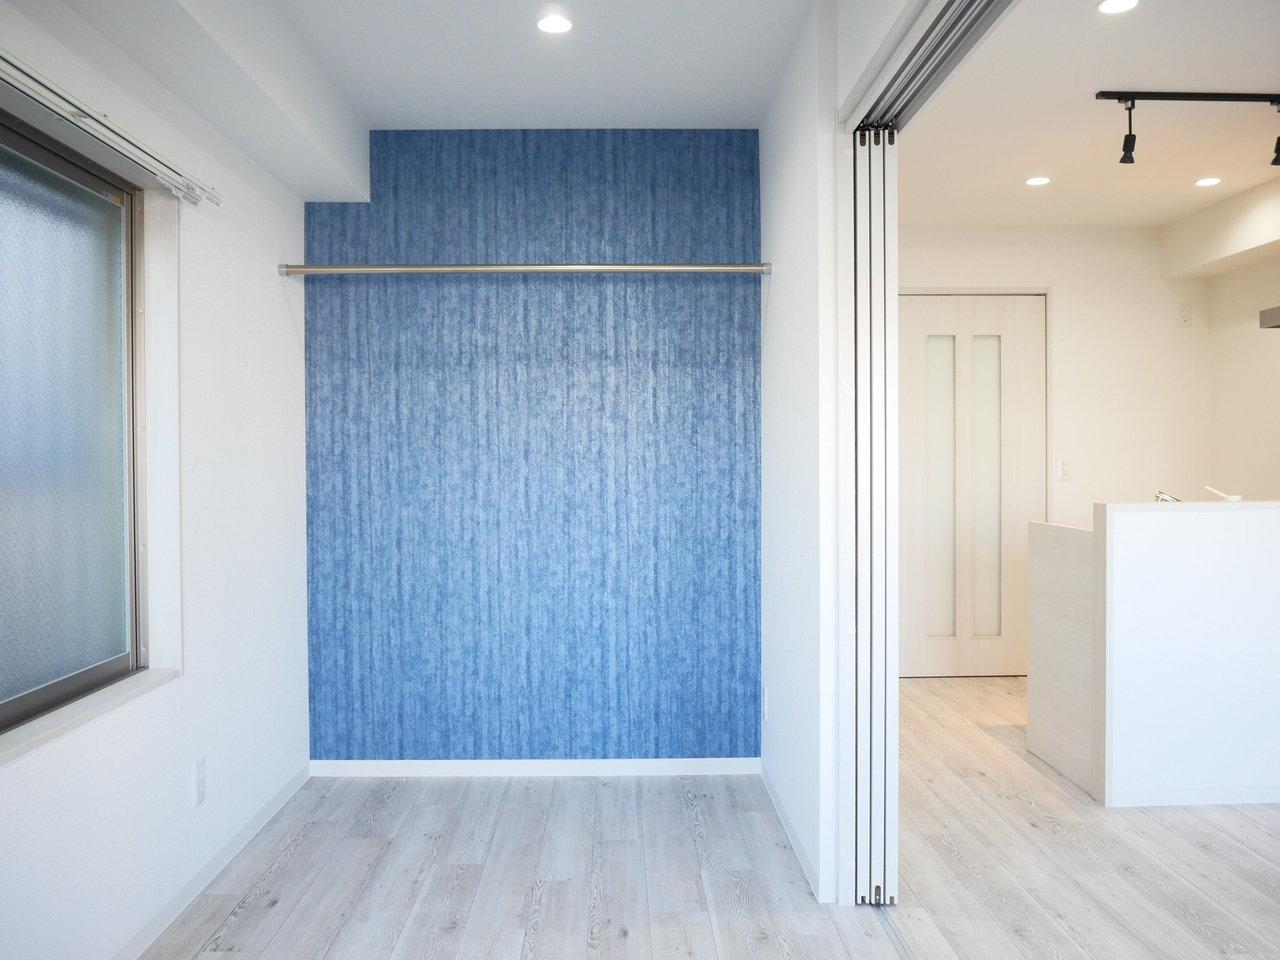 肝心の室内は、ブルーの壁紙が映える、白いフローリングが爽やかで気持ち良い感じ。一人暮らしでもOKですが、二人暮らしでも十分な広さです。間仕切りを閉じてもいいですが、開けていたほうが広々と使えてよいかも。